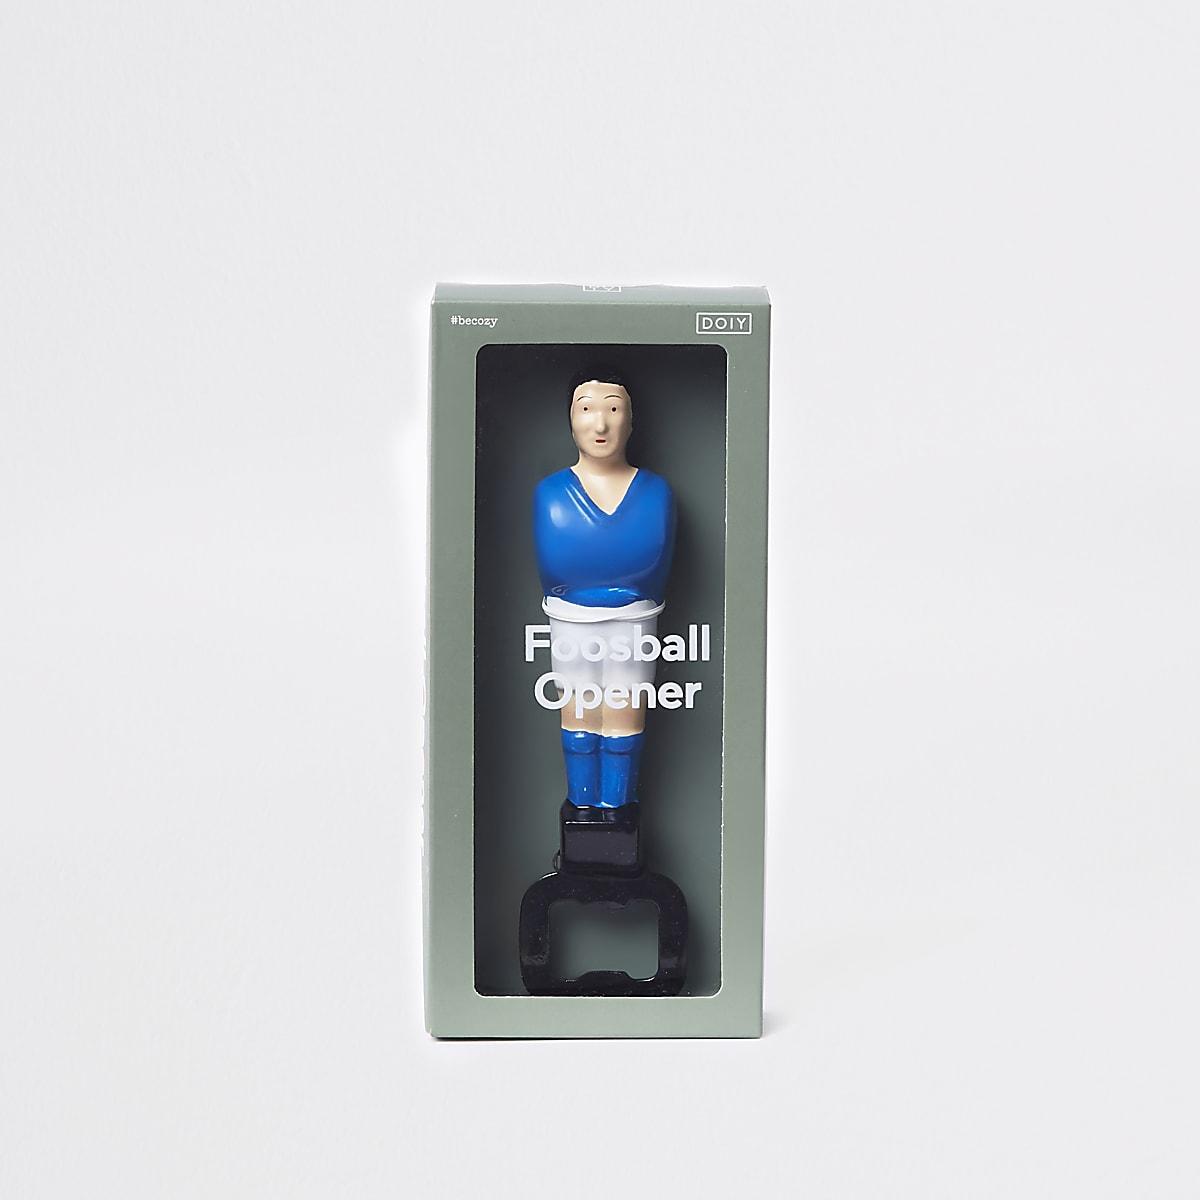 Blue foosball football bottle opener